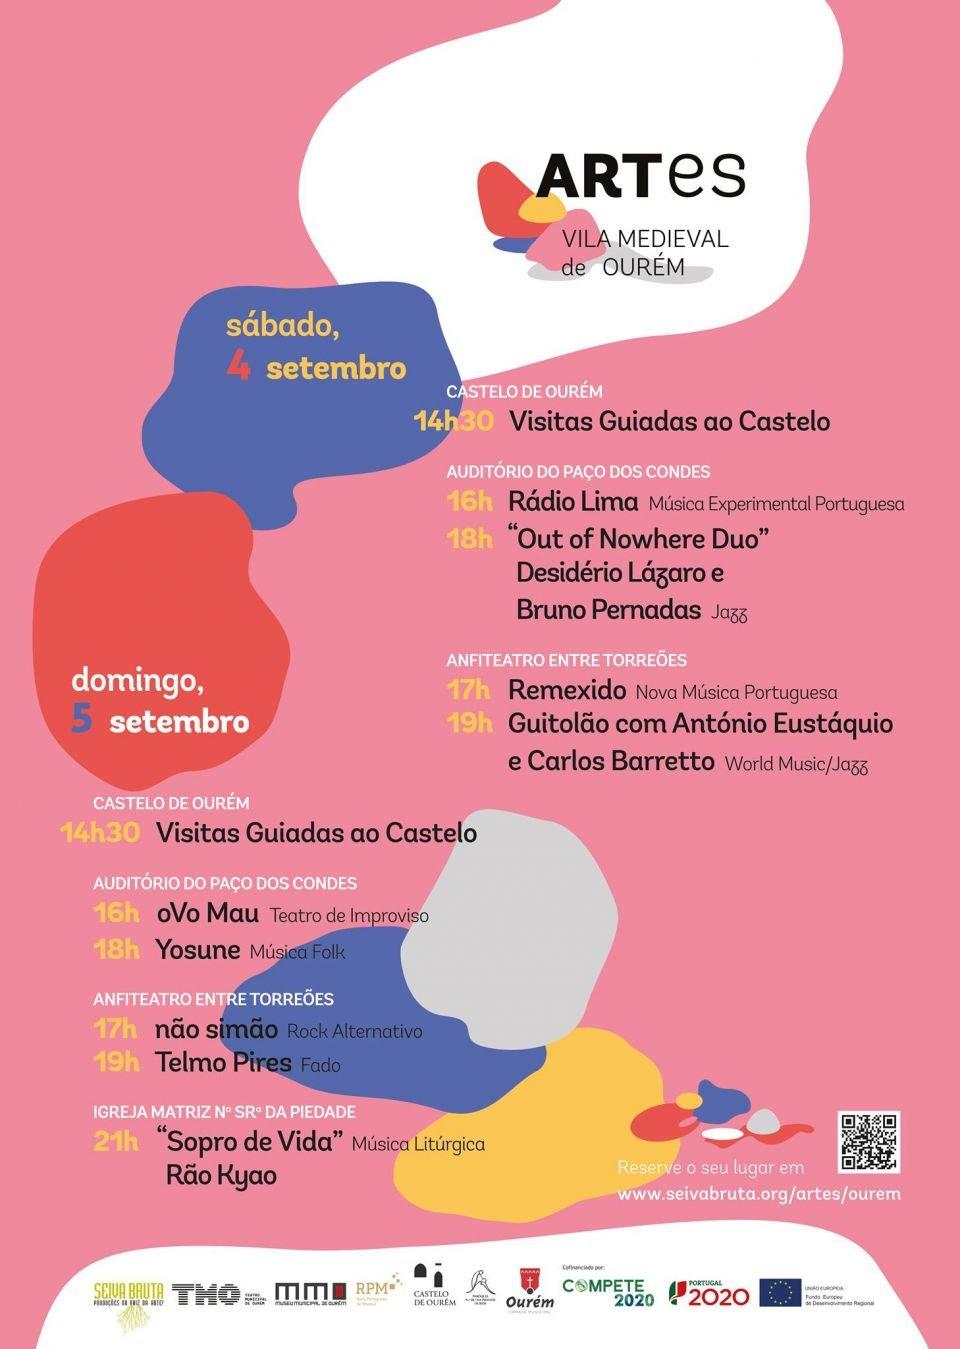 FESTIVAL ARTes - VILA MEDIEVAL DE OURÉM   'GUITOLÃO' COM ANTÓNIO EUSTÁQUIO…